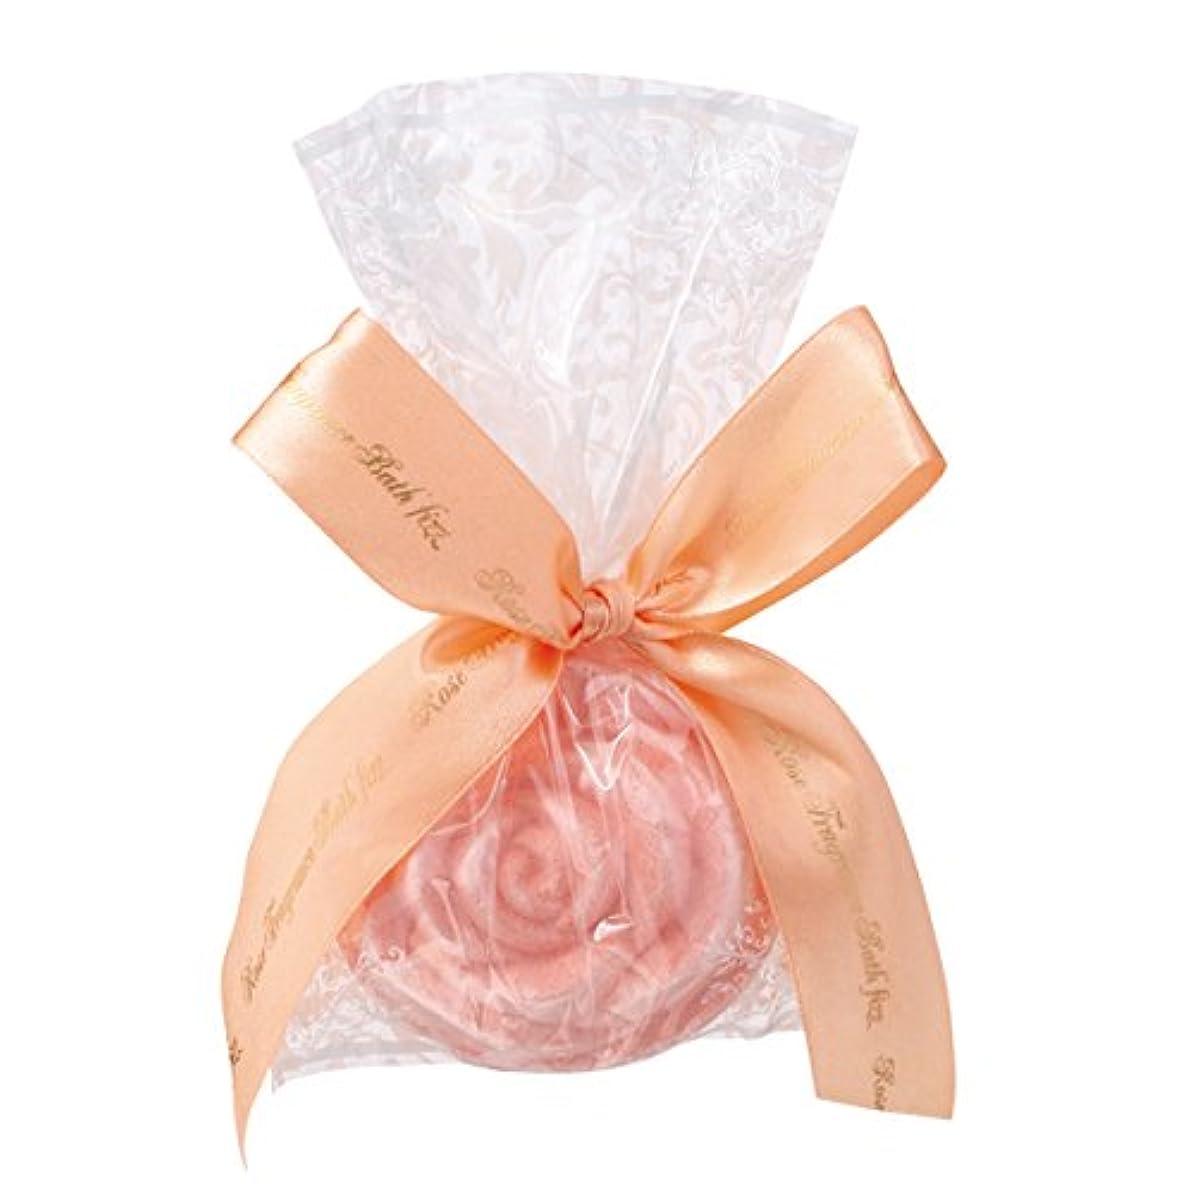 パケット必要性辞書(内野)UCHINO ノルコーポレーション ローズフレグランスバスフィズ(ラビングローズの香り)